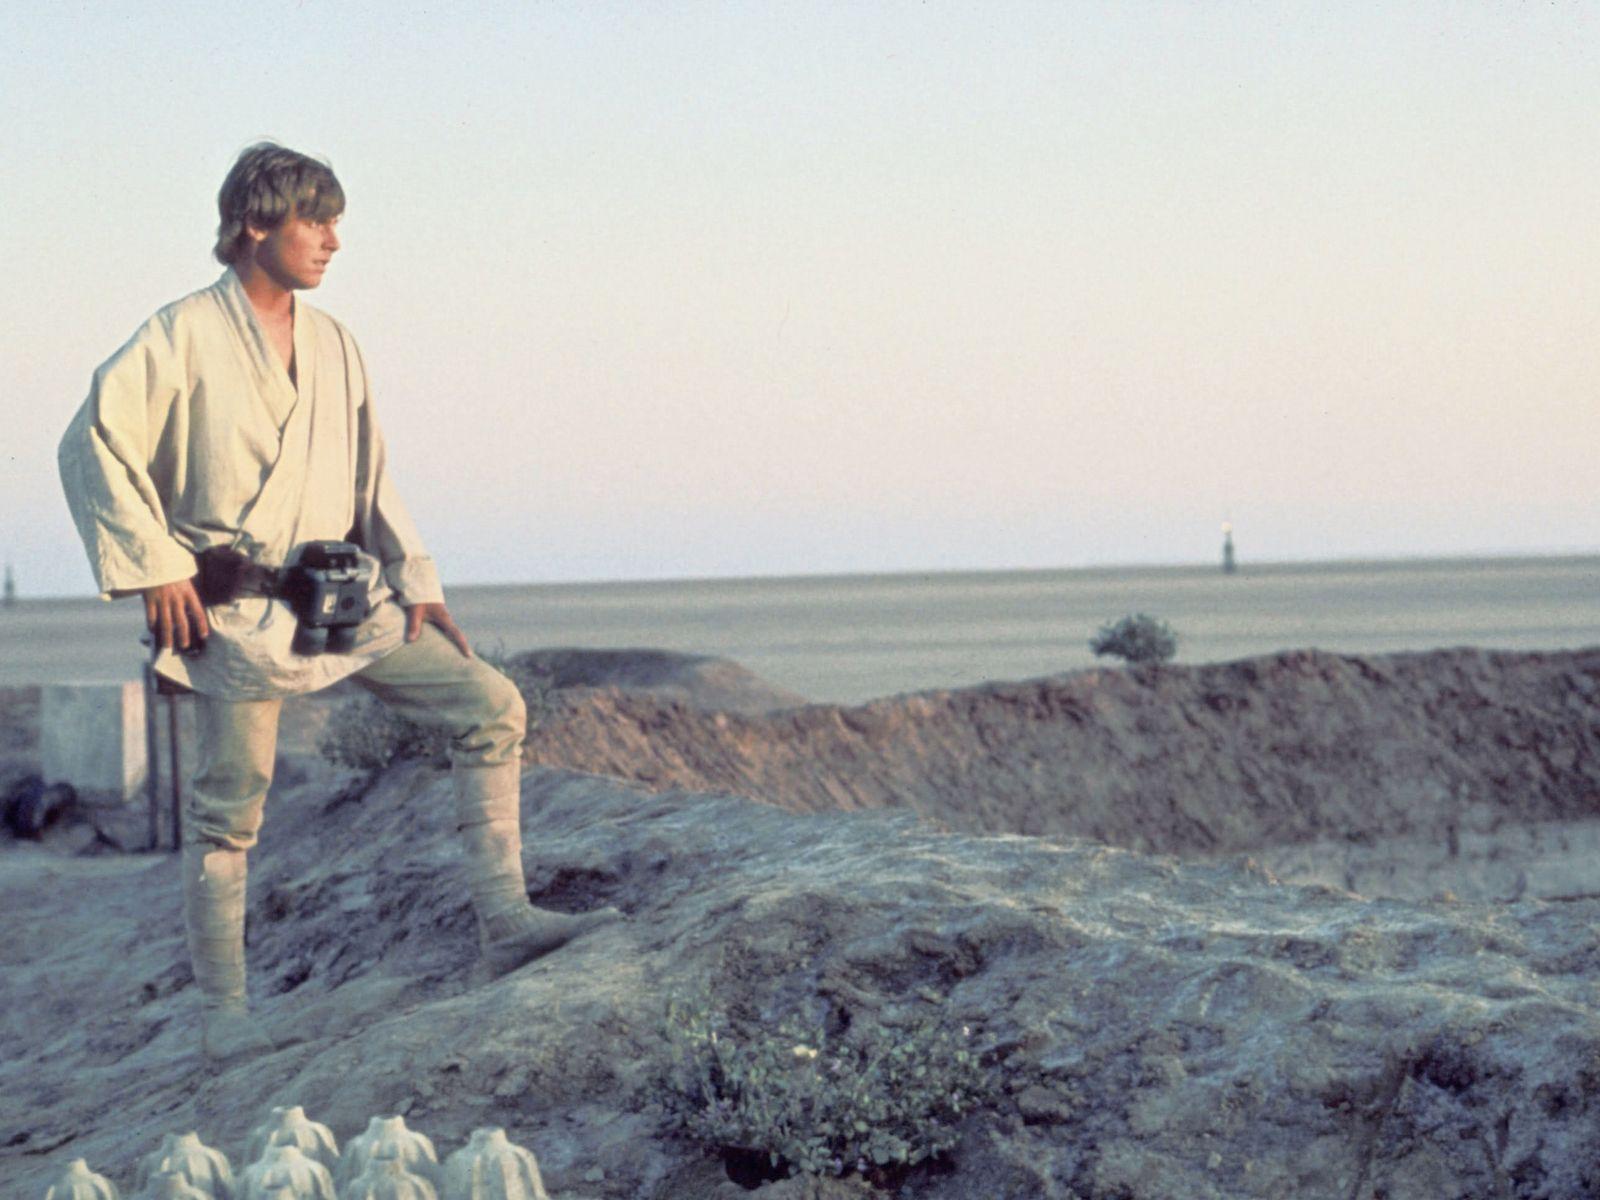 Bandes Annonces De Star Wars Episode Iv Un Nouvel Espoir Star Wars Episode Iv Un Nouvel Espoir La Guerre Des Etoiles Extrait Ecranlarge